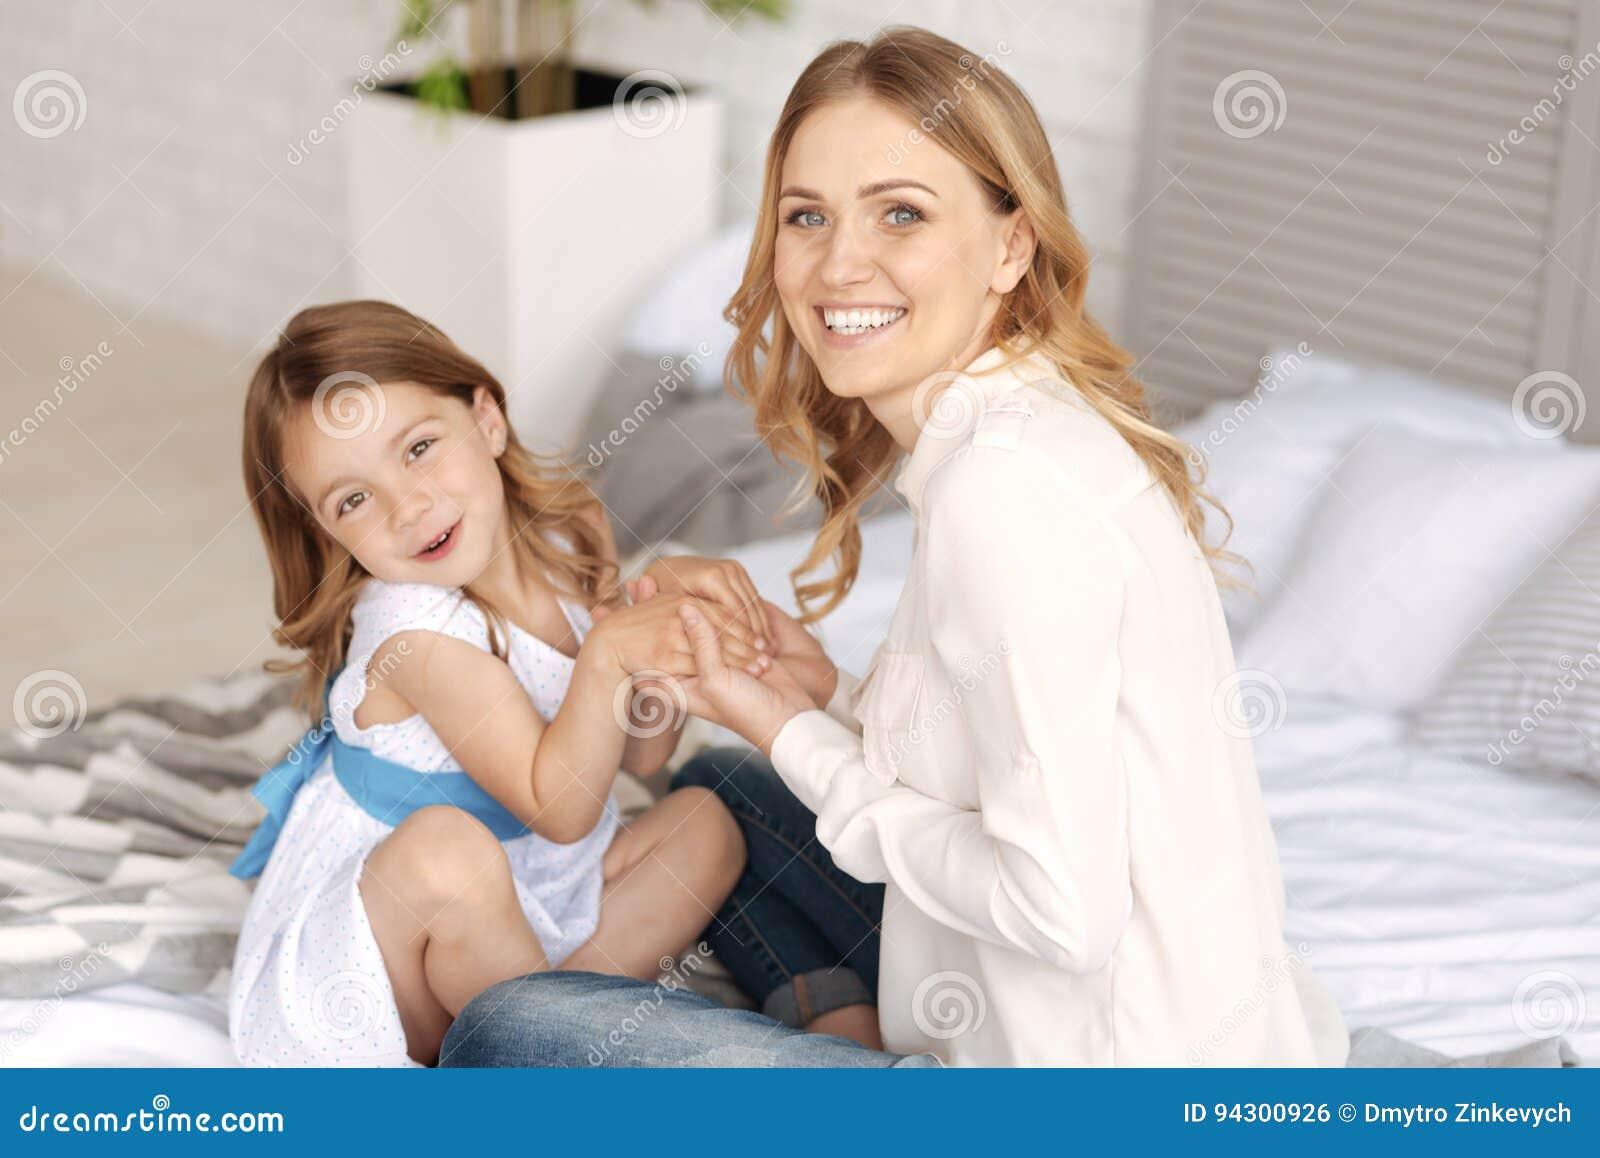 Vinculación preciosa de la familia monoparental en la cama